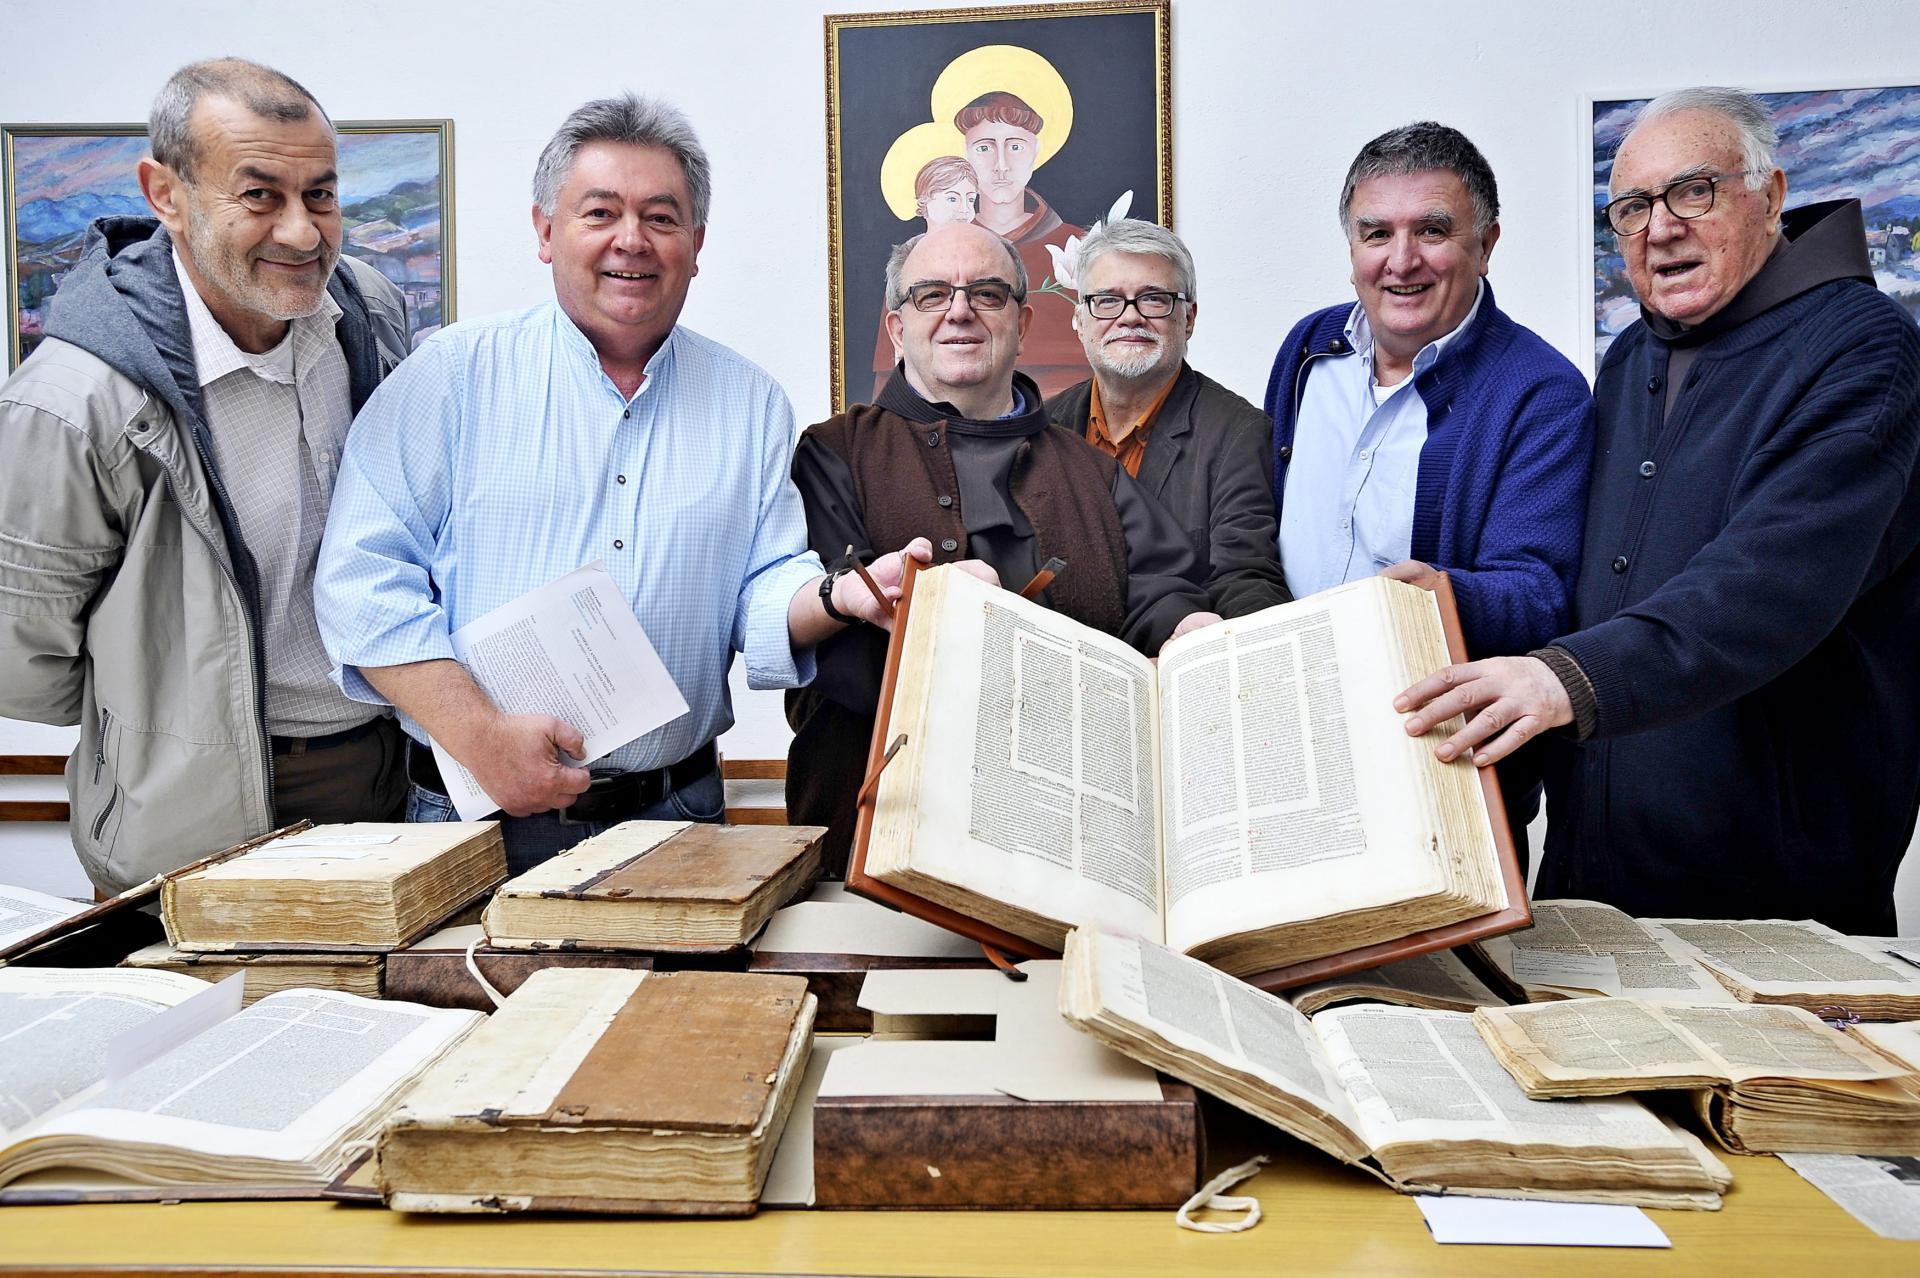 Branko Jozić, Zvonko Pandžić, fra Šimun Škibola, Bratislav Lučin, Marko Soldo i fra Bernardin Škunca